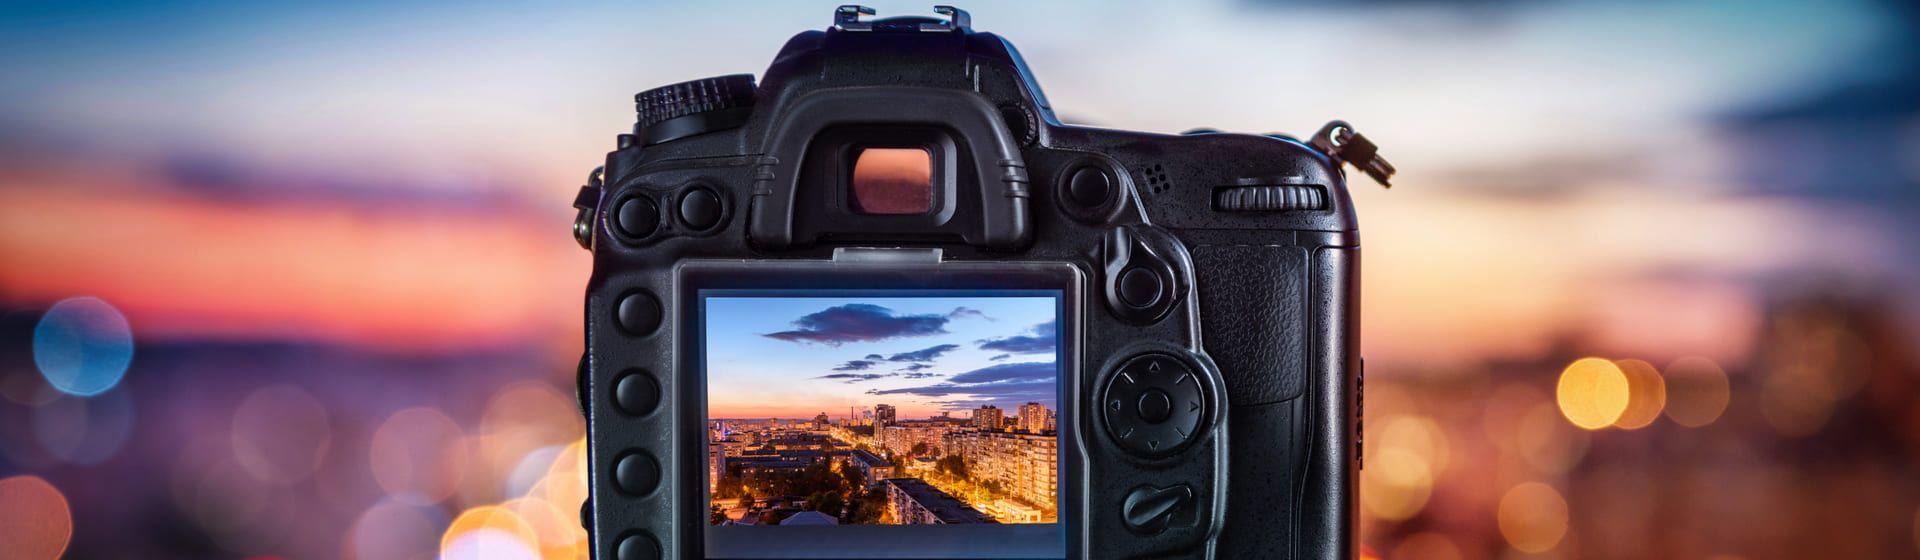 Melhor câmera fotográfica: veja a lista e como escolher